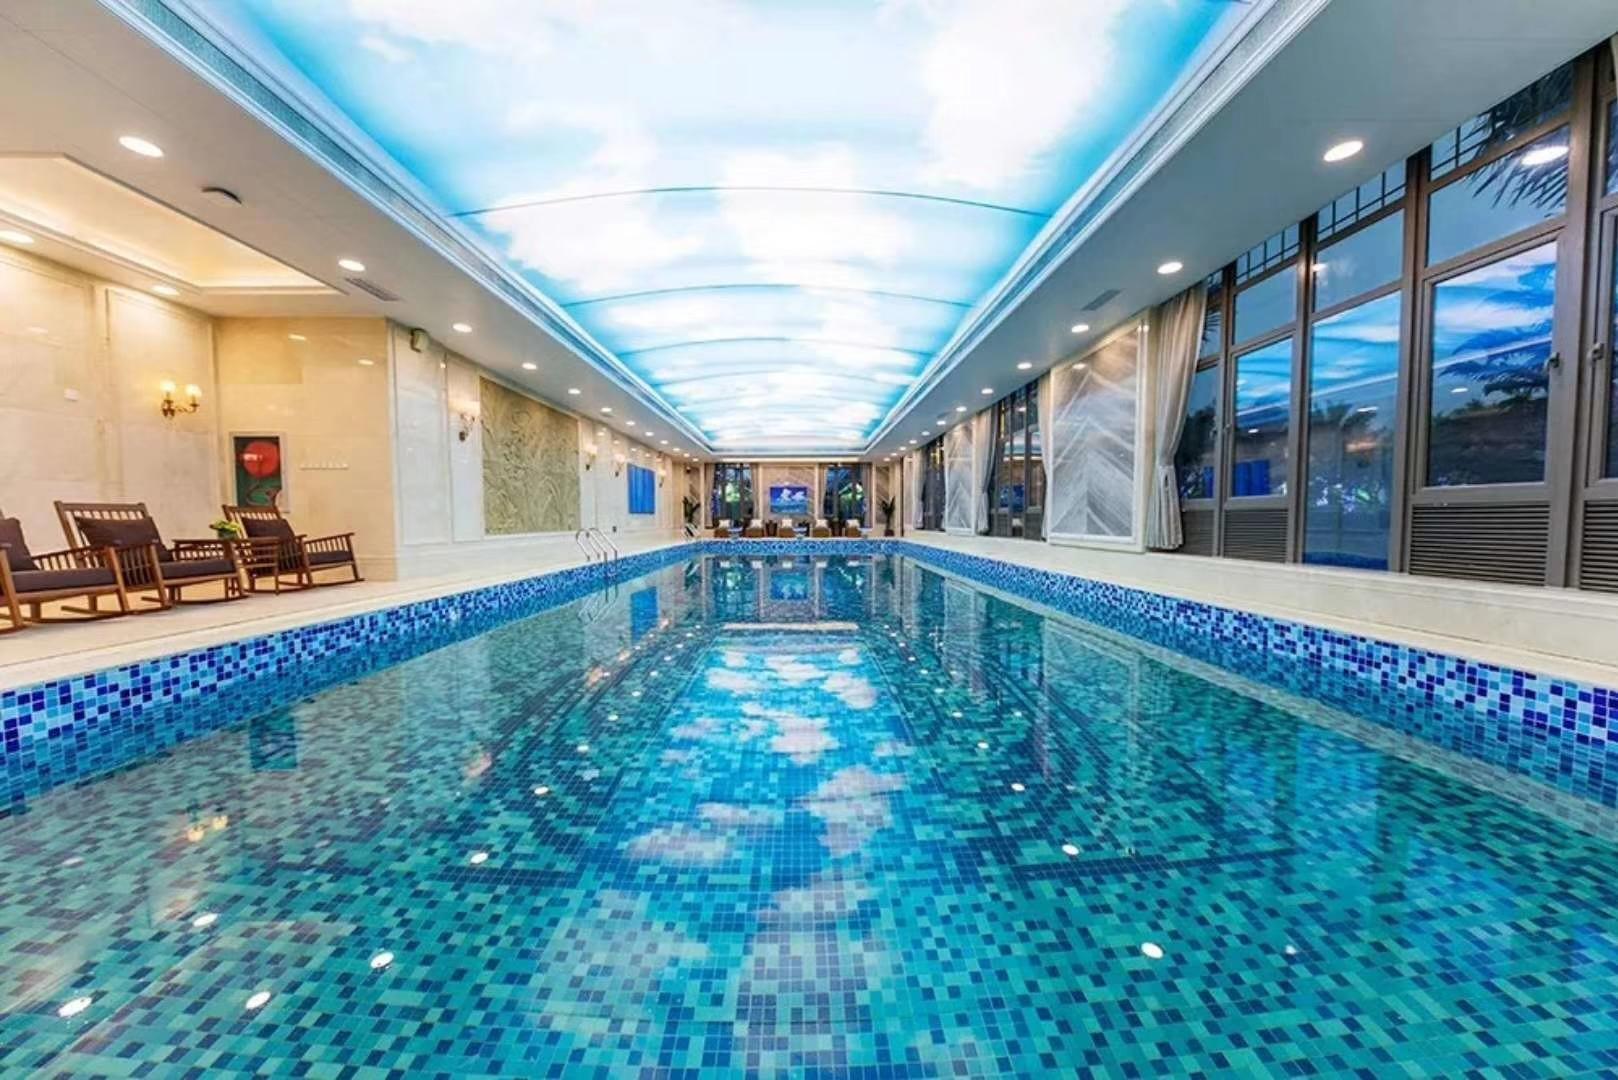 别墅游泳池施工 游泳池设计 游泳池安装 游泳池设备 游泳池工程